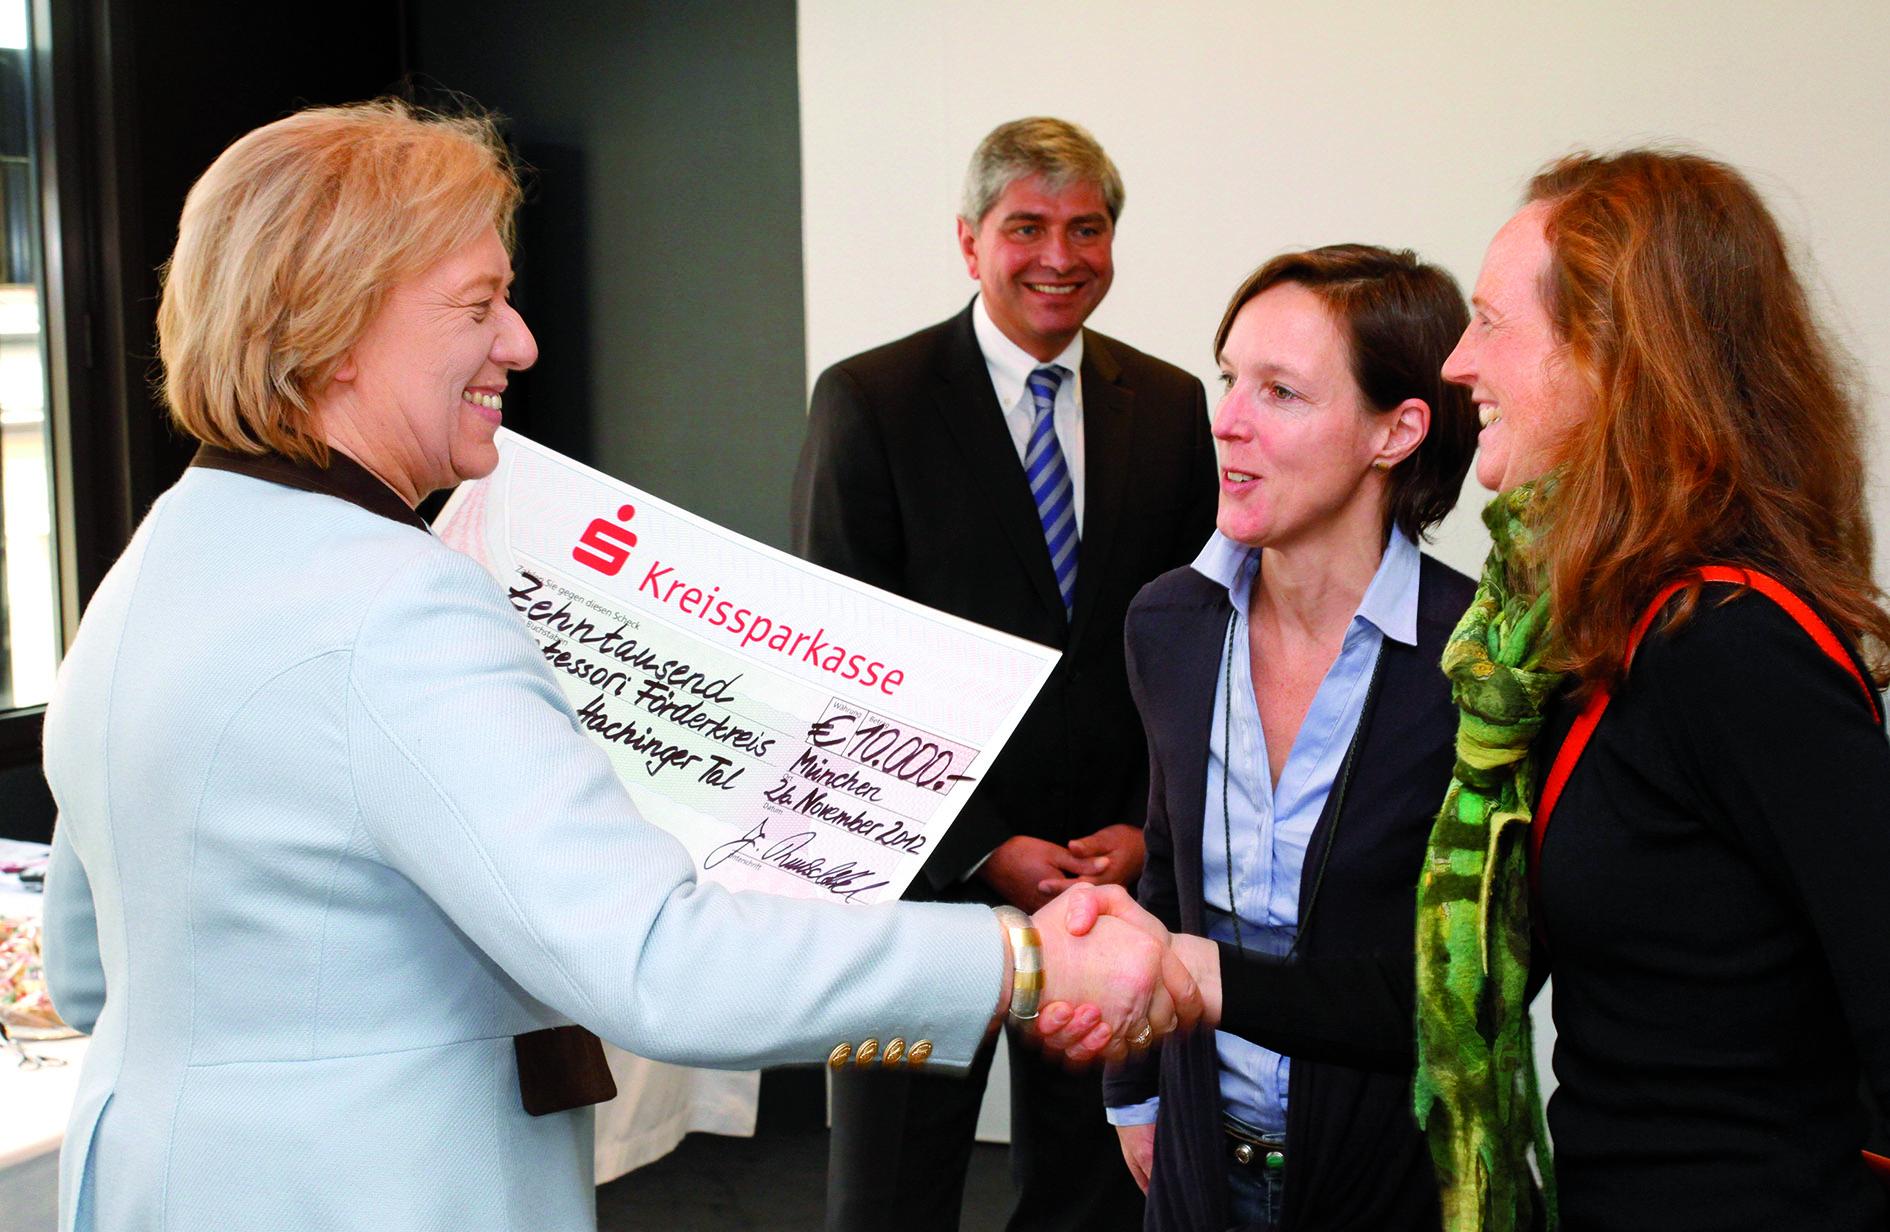 Scheckübergabe Die Stiftungsvorsitzende der Kreissparkasse München - Johanna Rumschöttel überreicht den Scheck an die Vorsitzende des Fördervereins - Anette Billmayer